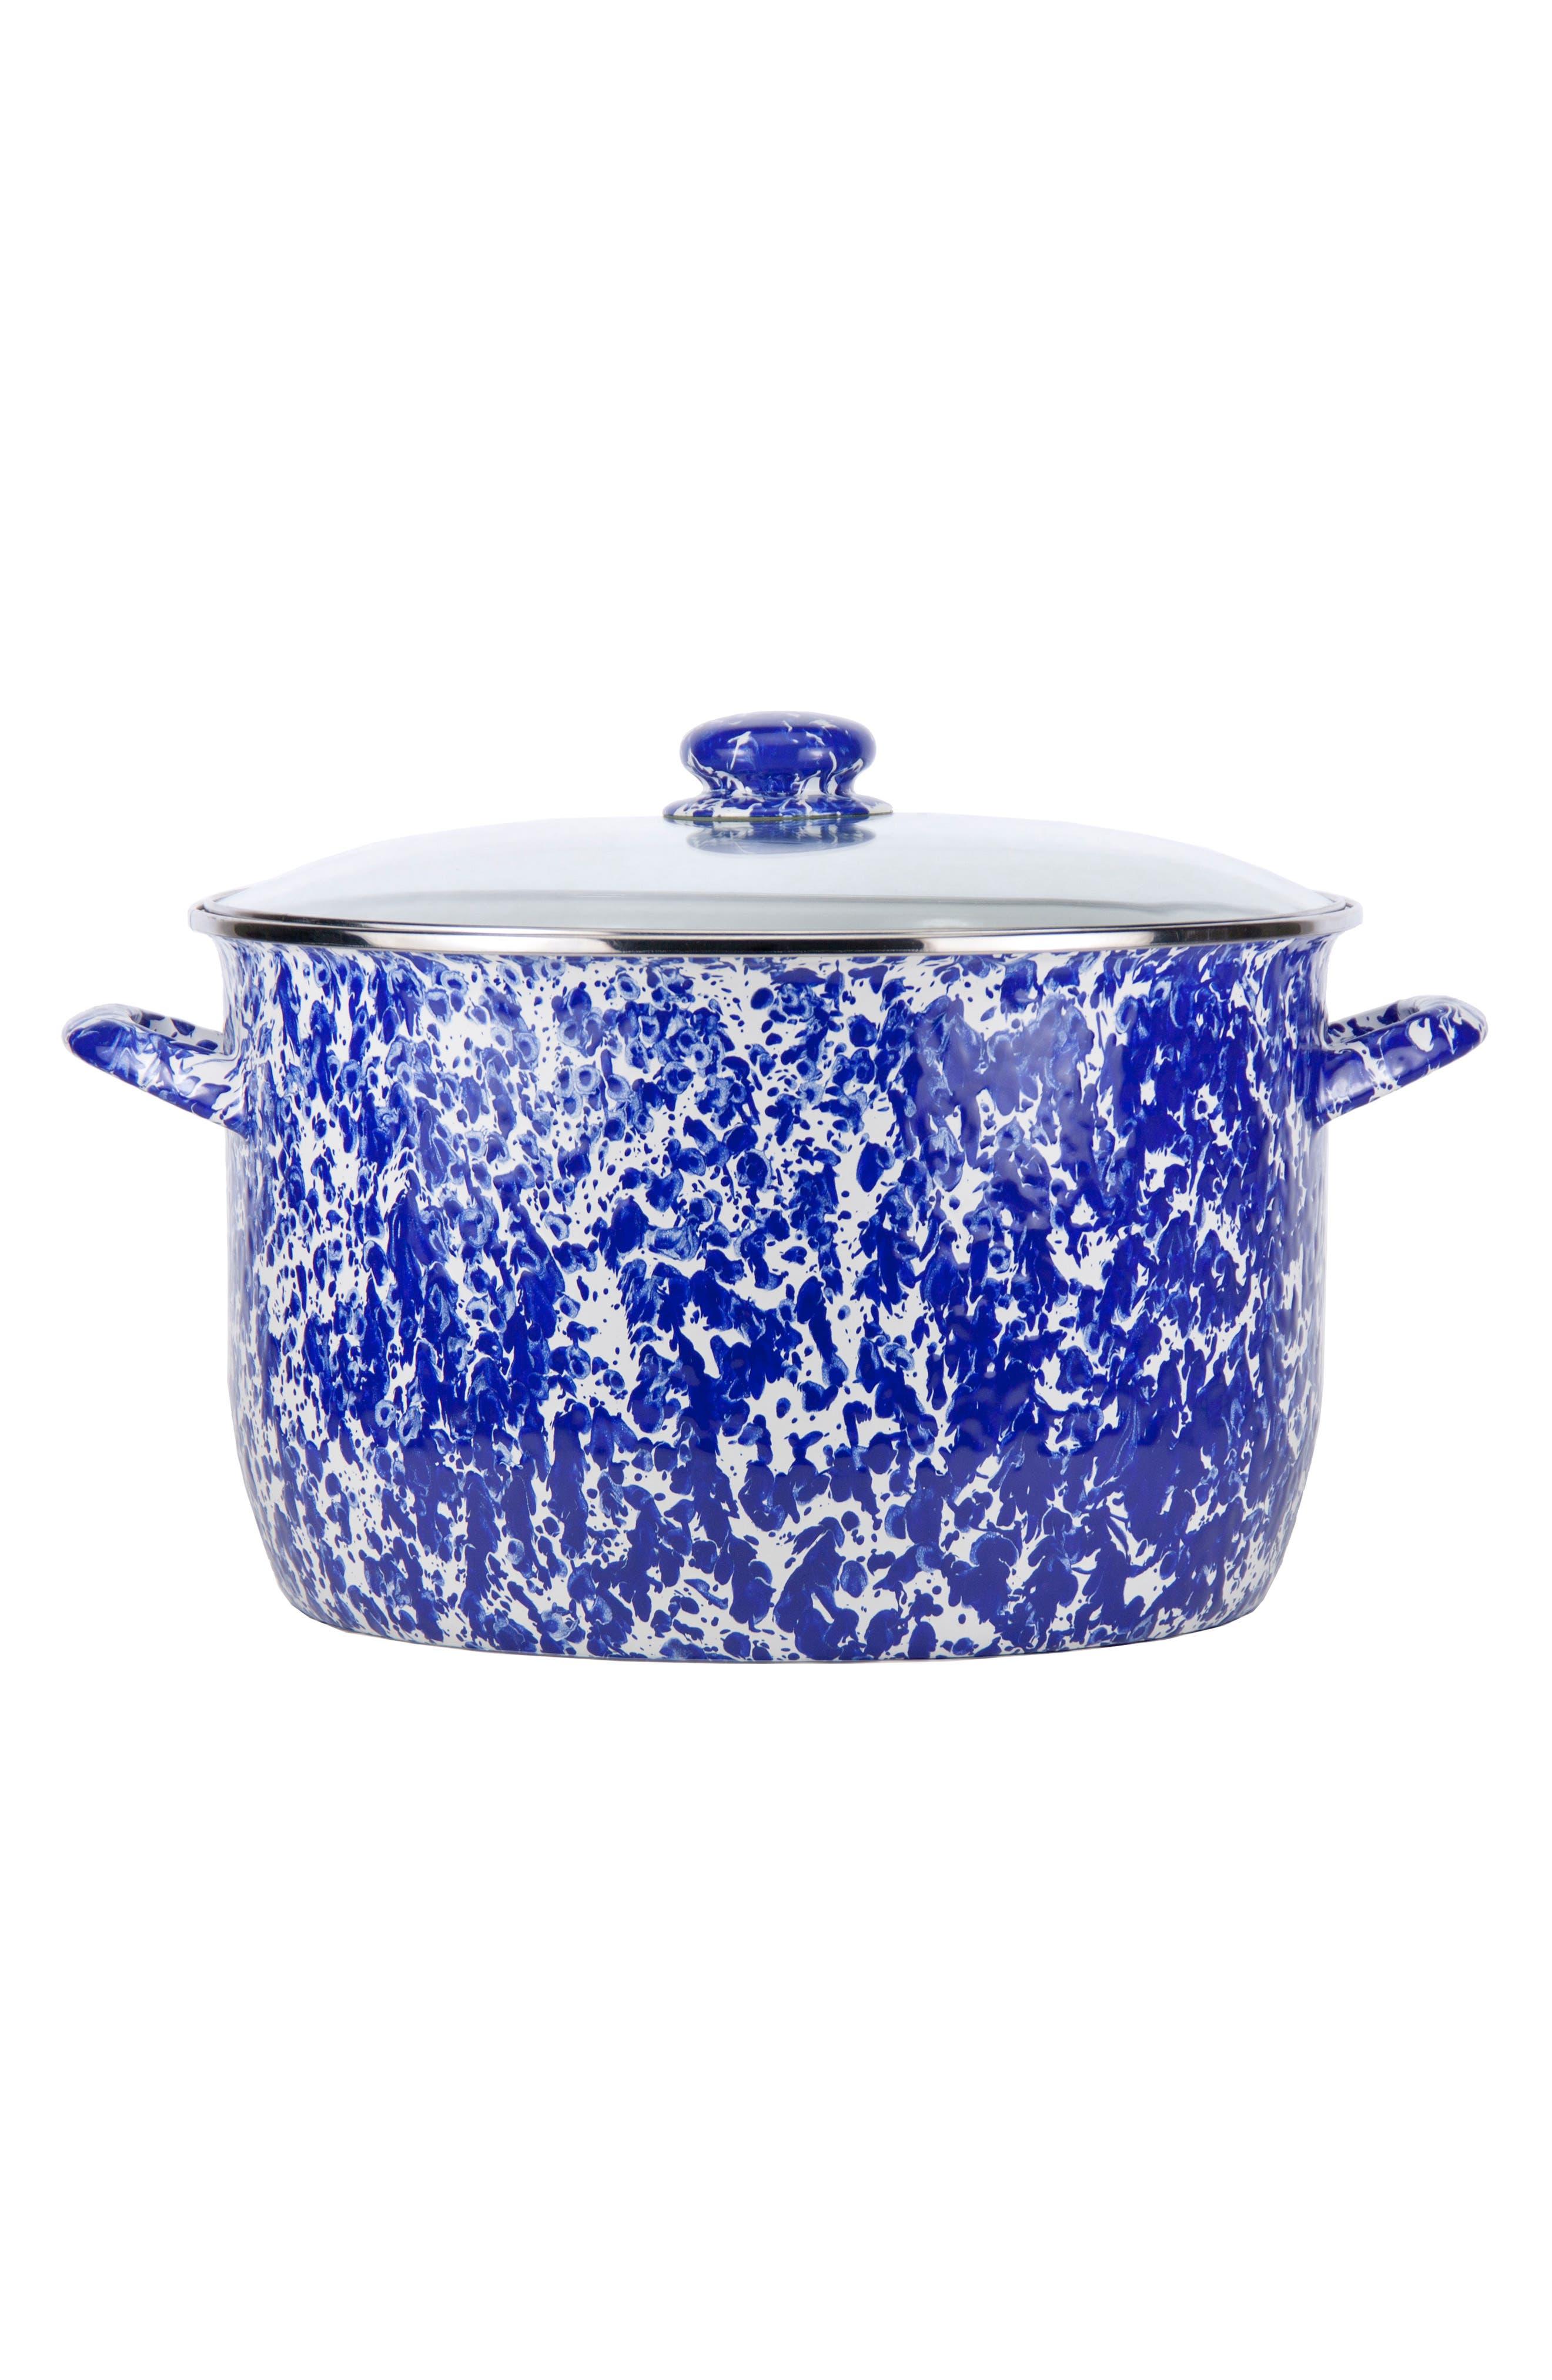 18-Quart Stock Pot,                             Main thumbnail 1, color,                             BLUE SWIRL